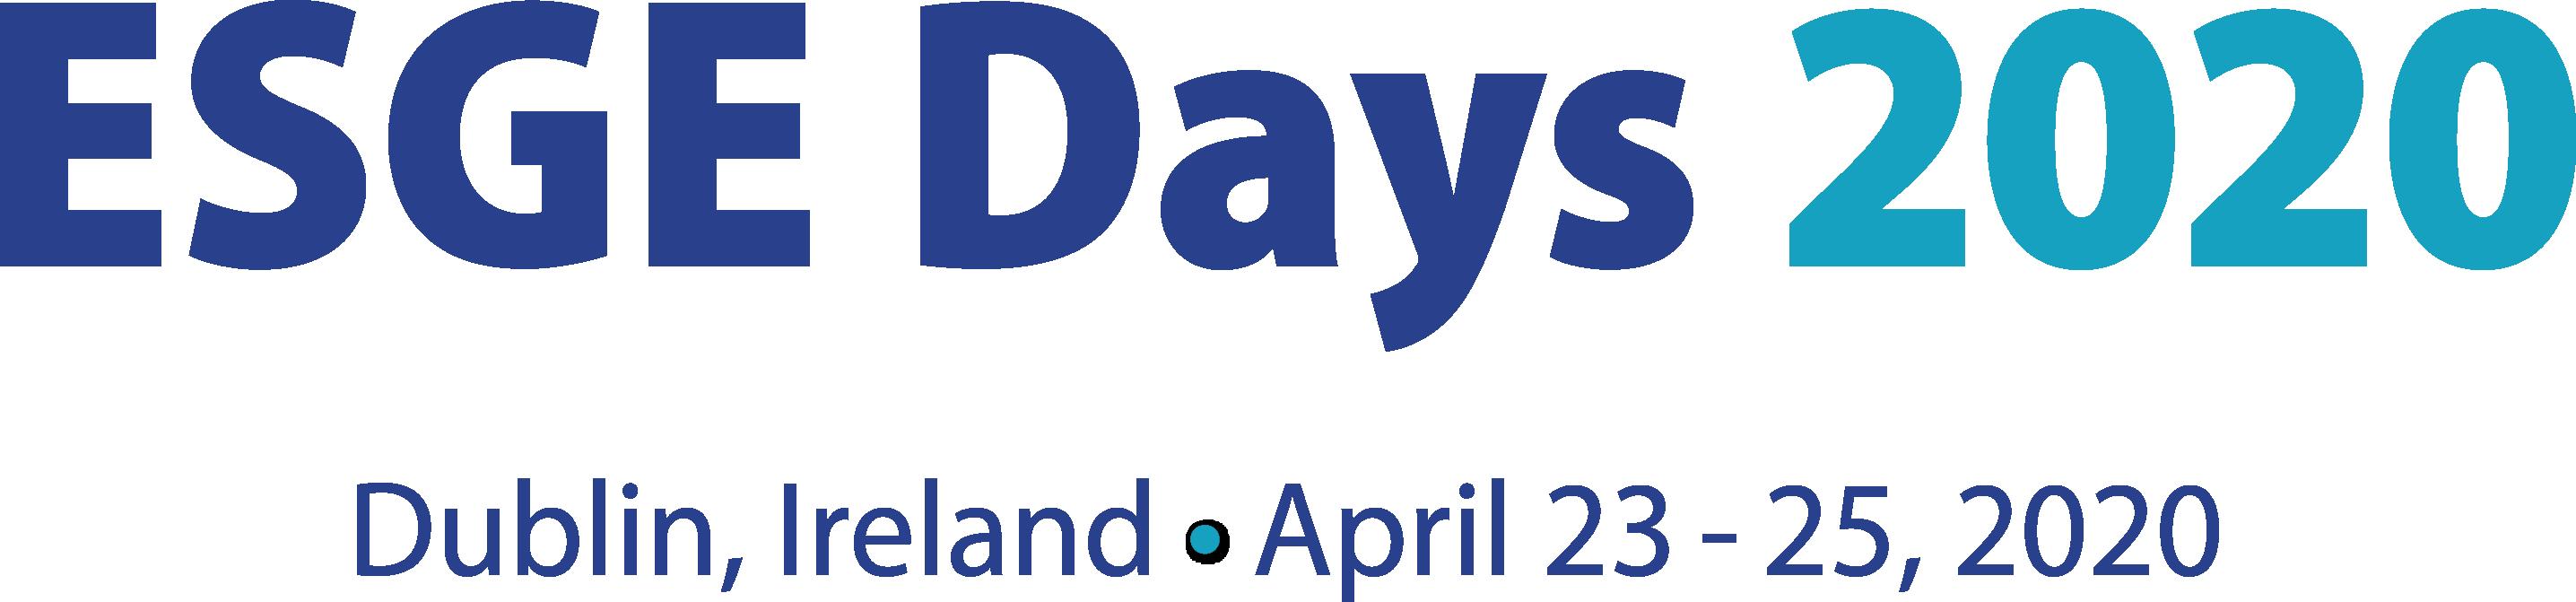 ESGE Days 2020 Dublin